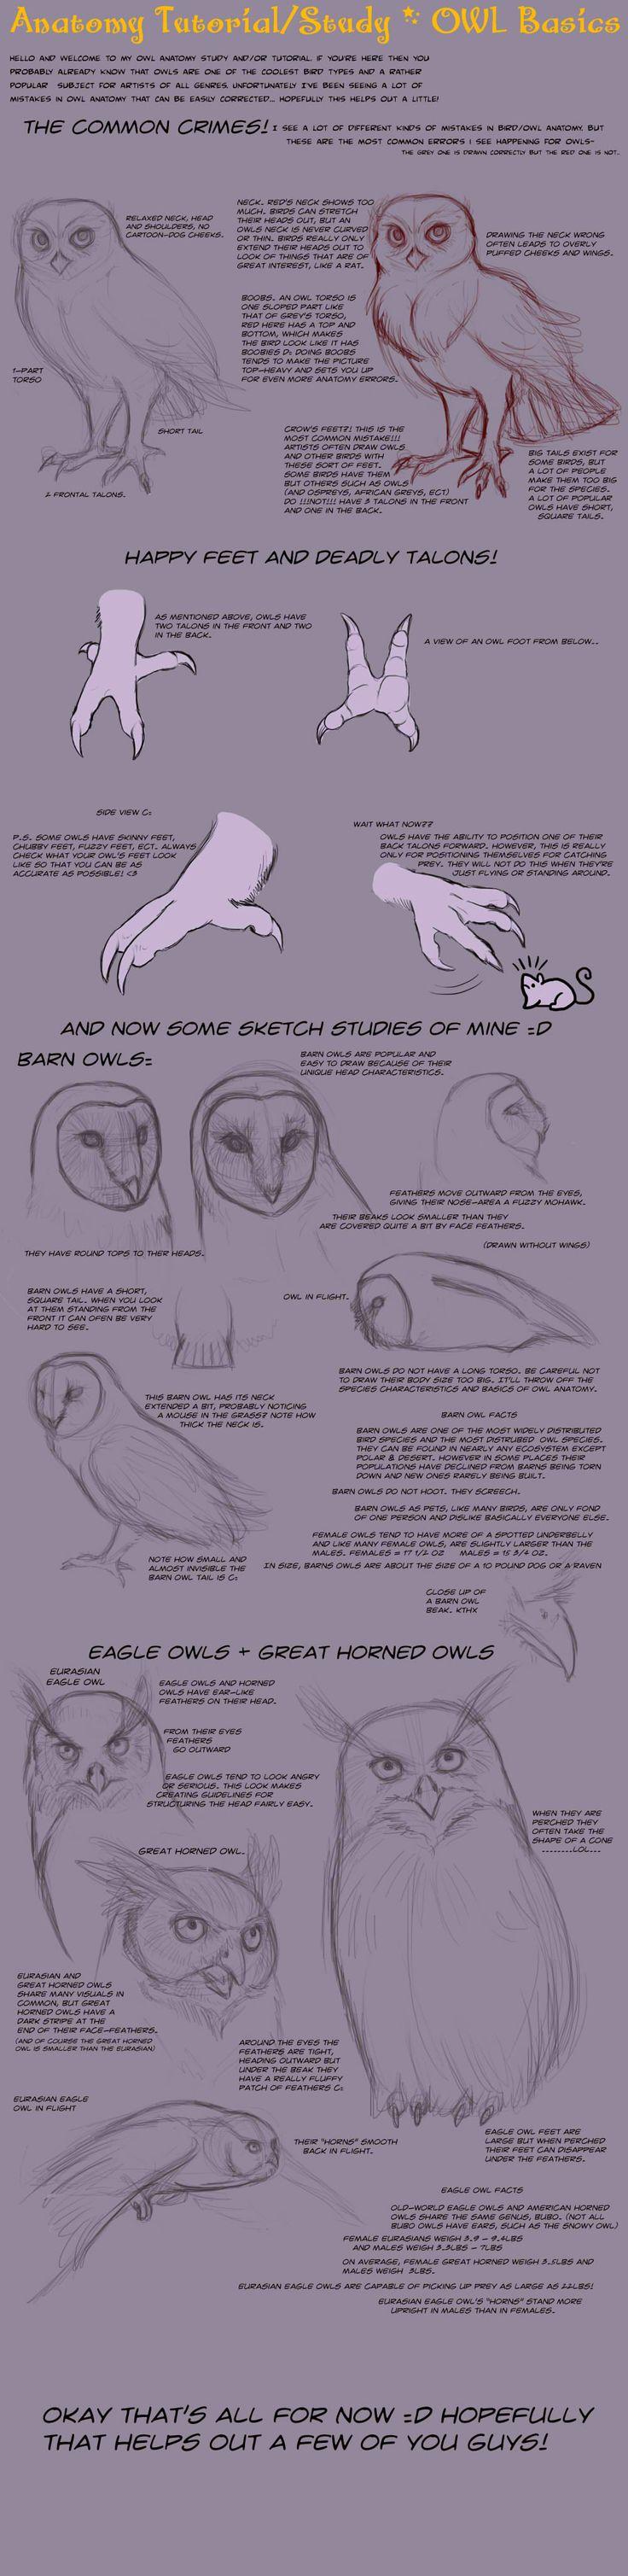 鳥の描き方」のおすすめアイデア 25 件以上 | pinterest | 動物の描き